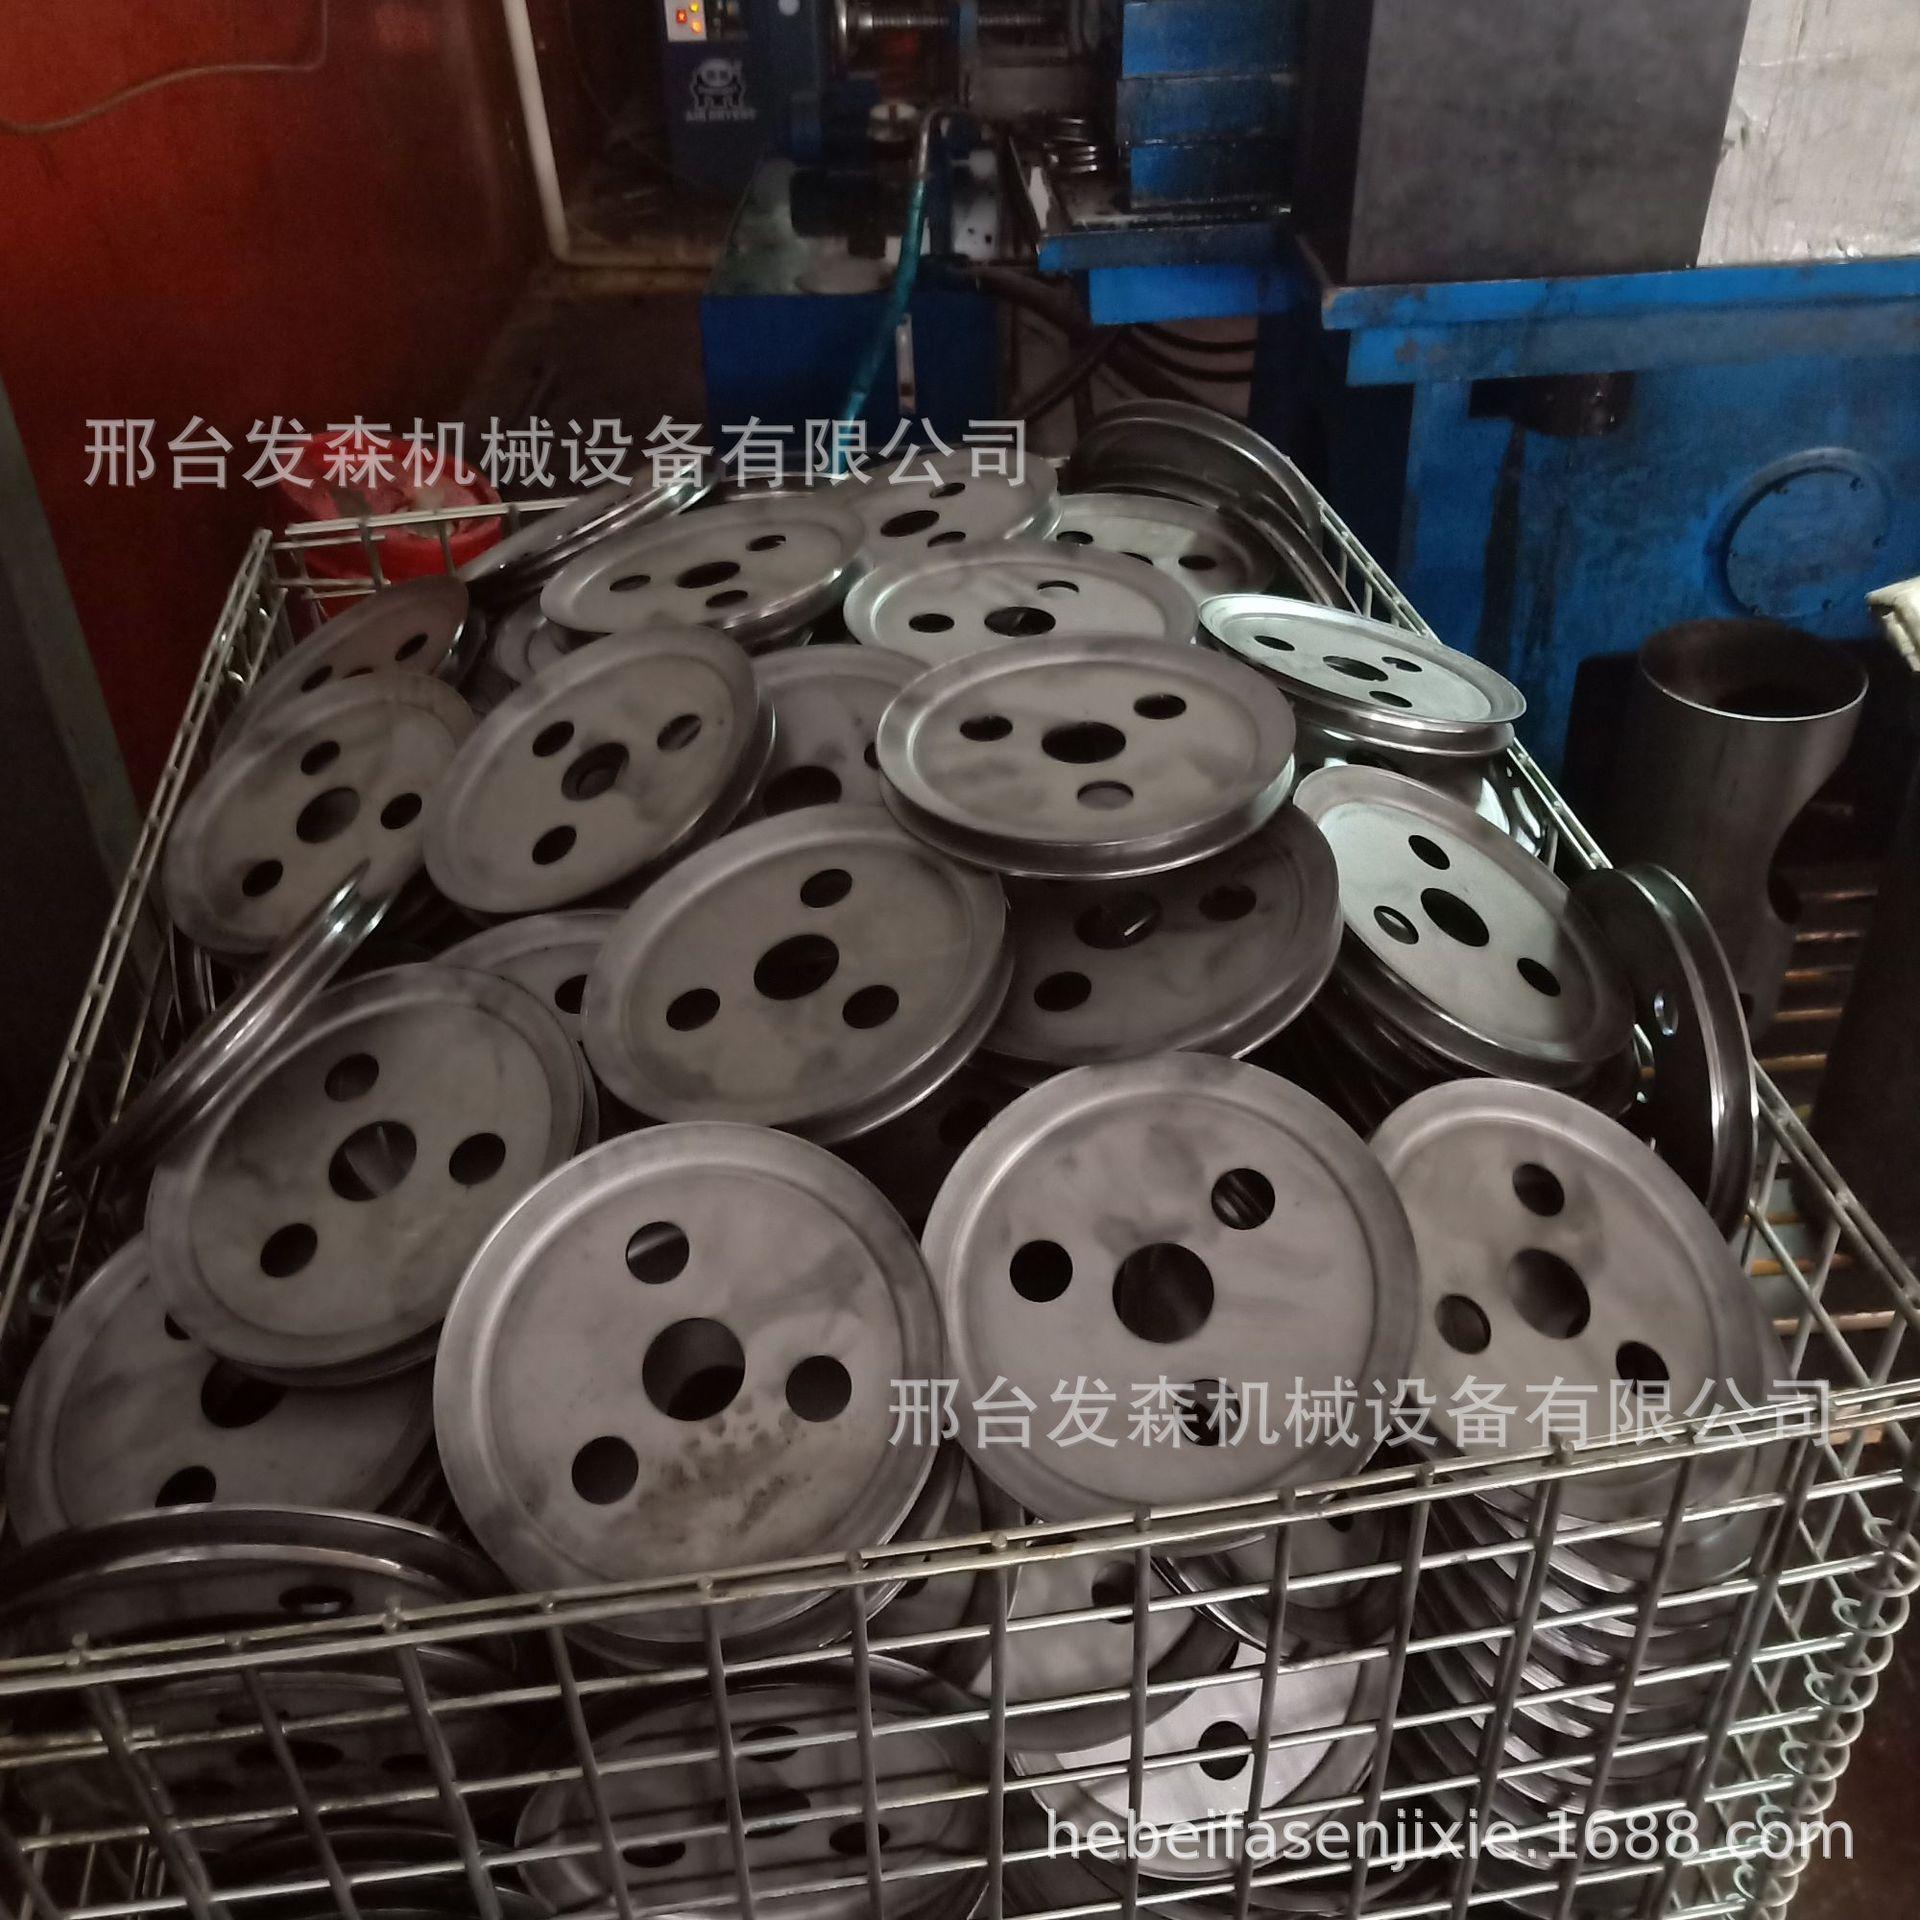 厂家直销劈开式皮带轮 单槽A型直径皮带轮尺寸精准质量过硬示例图8